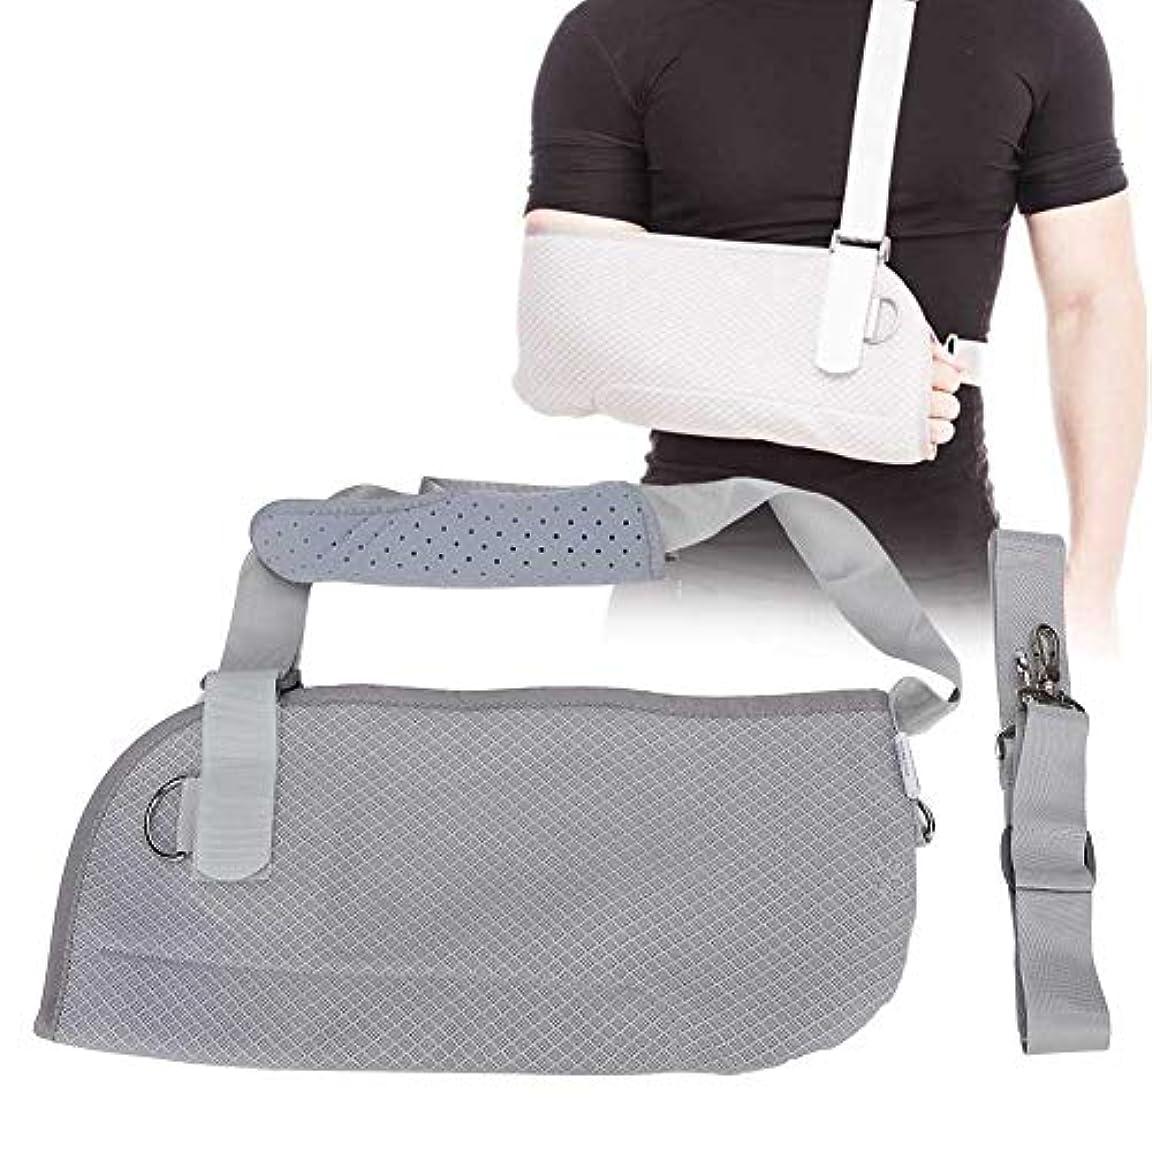 フォロー深い花瓶腕のスリング、調節可能な上腕装具、亜脱臼、脱臼、捻挫、手首の捻挫、前腕骨折治療